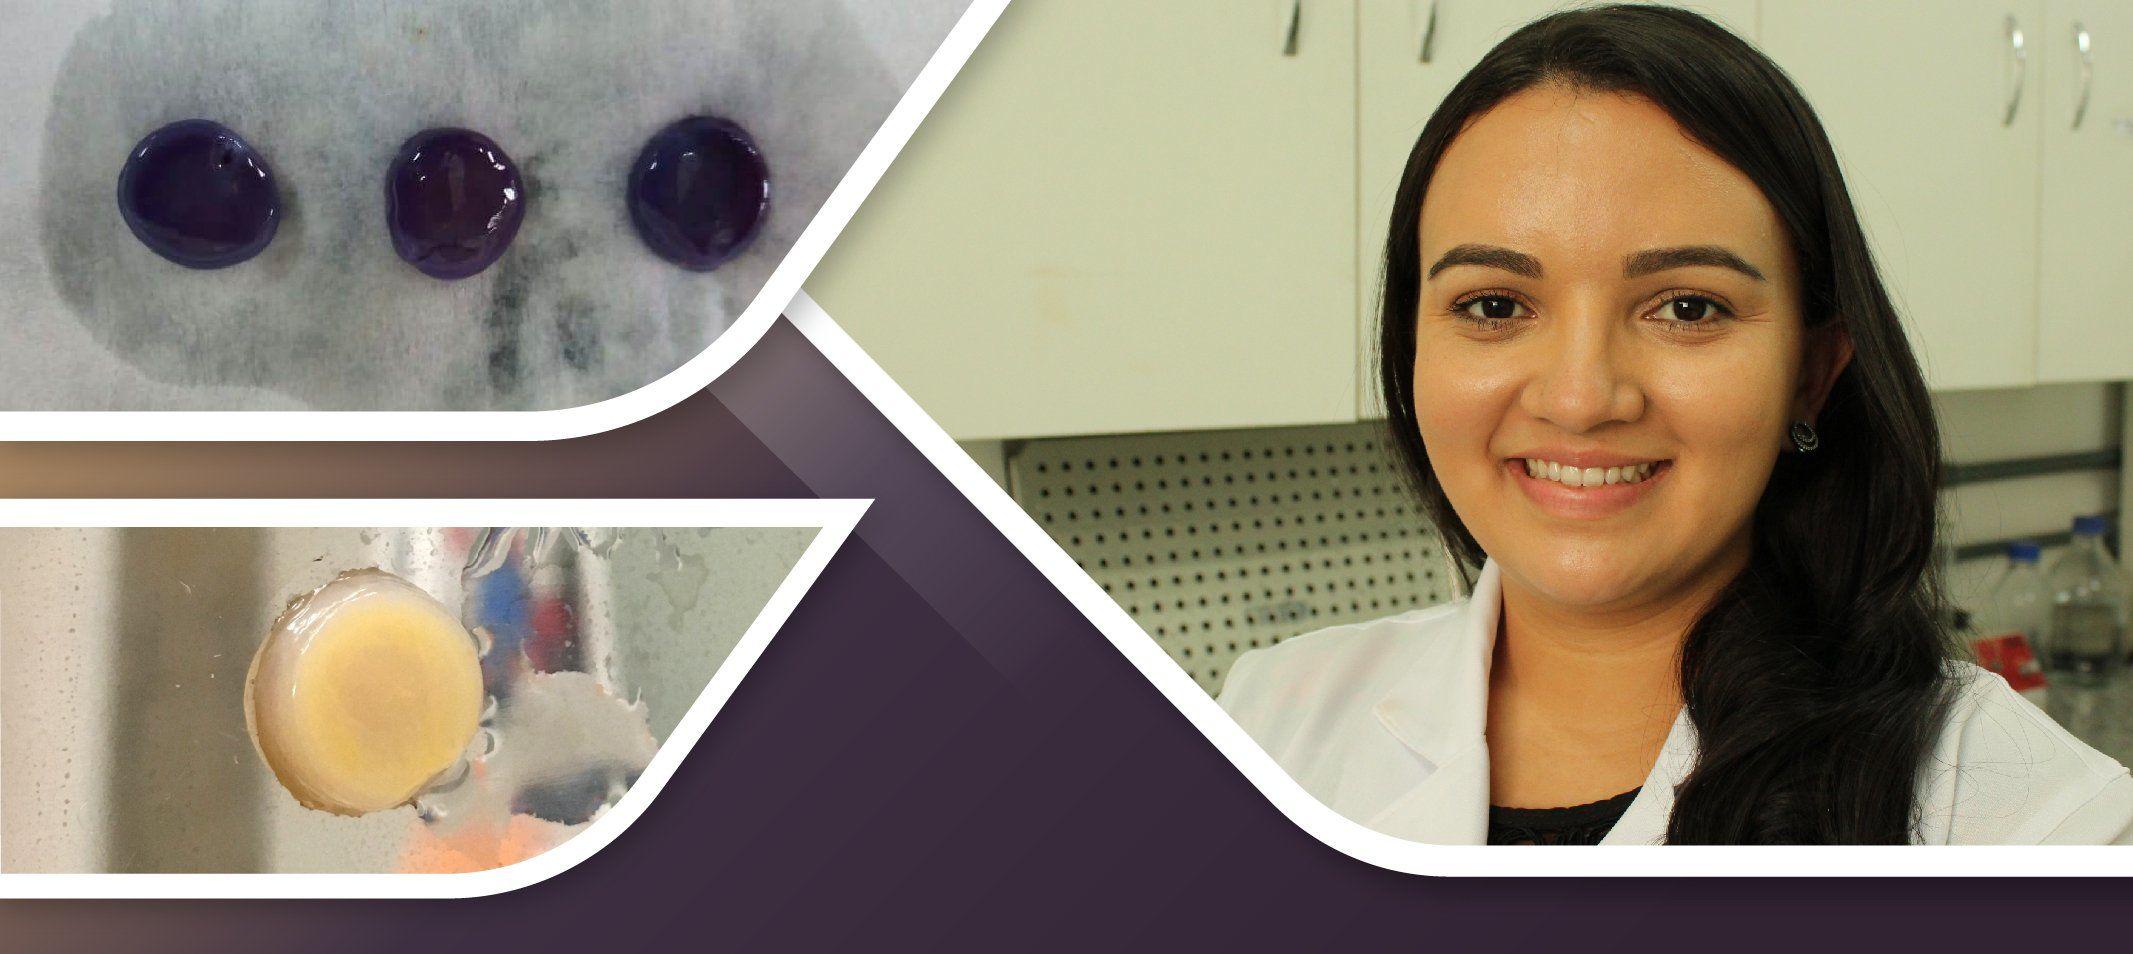 Modelo de pele artificial inédito é produzido na Ufam para uso em testes de toxicidade